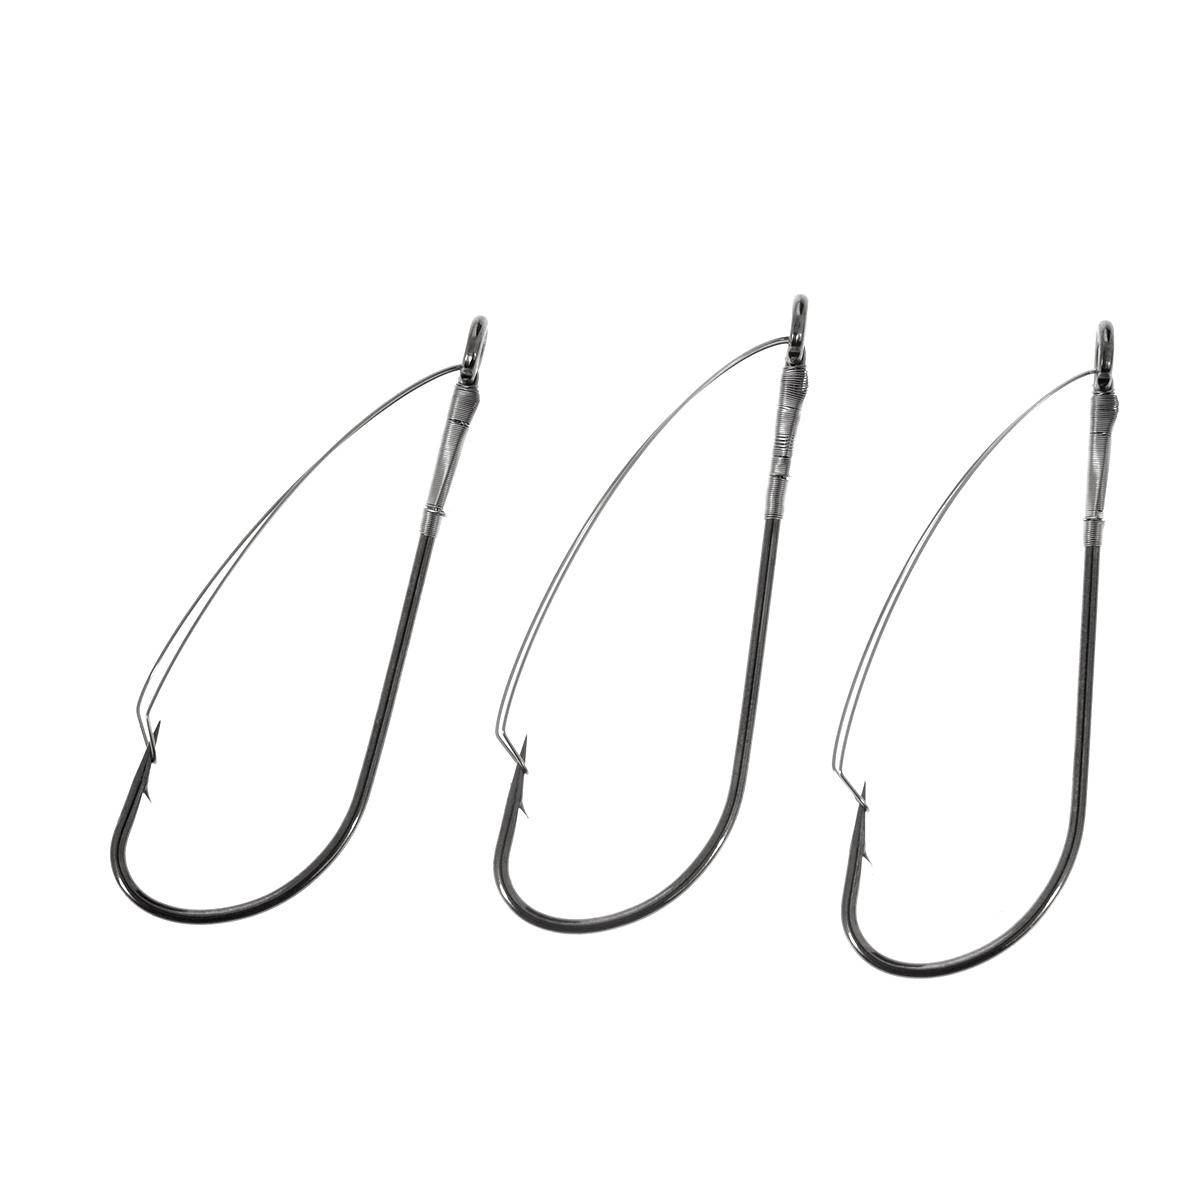 Крючки рыболовные Cobra Weedless, цвет: черный, размер 2/0, 3 штC075NSB-K020Cobra Weedless - серия крючков c проволочной защитой. Идеальный вариант для ловли крупной рыбы в местах, где возможны частые зацепы и потеря приманок - коряжнике, среди водорослей и камней. Широко используются для оснащения блесен, снасточек, пластиковых и других приманок.